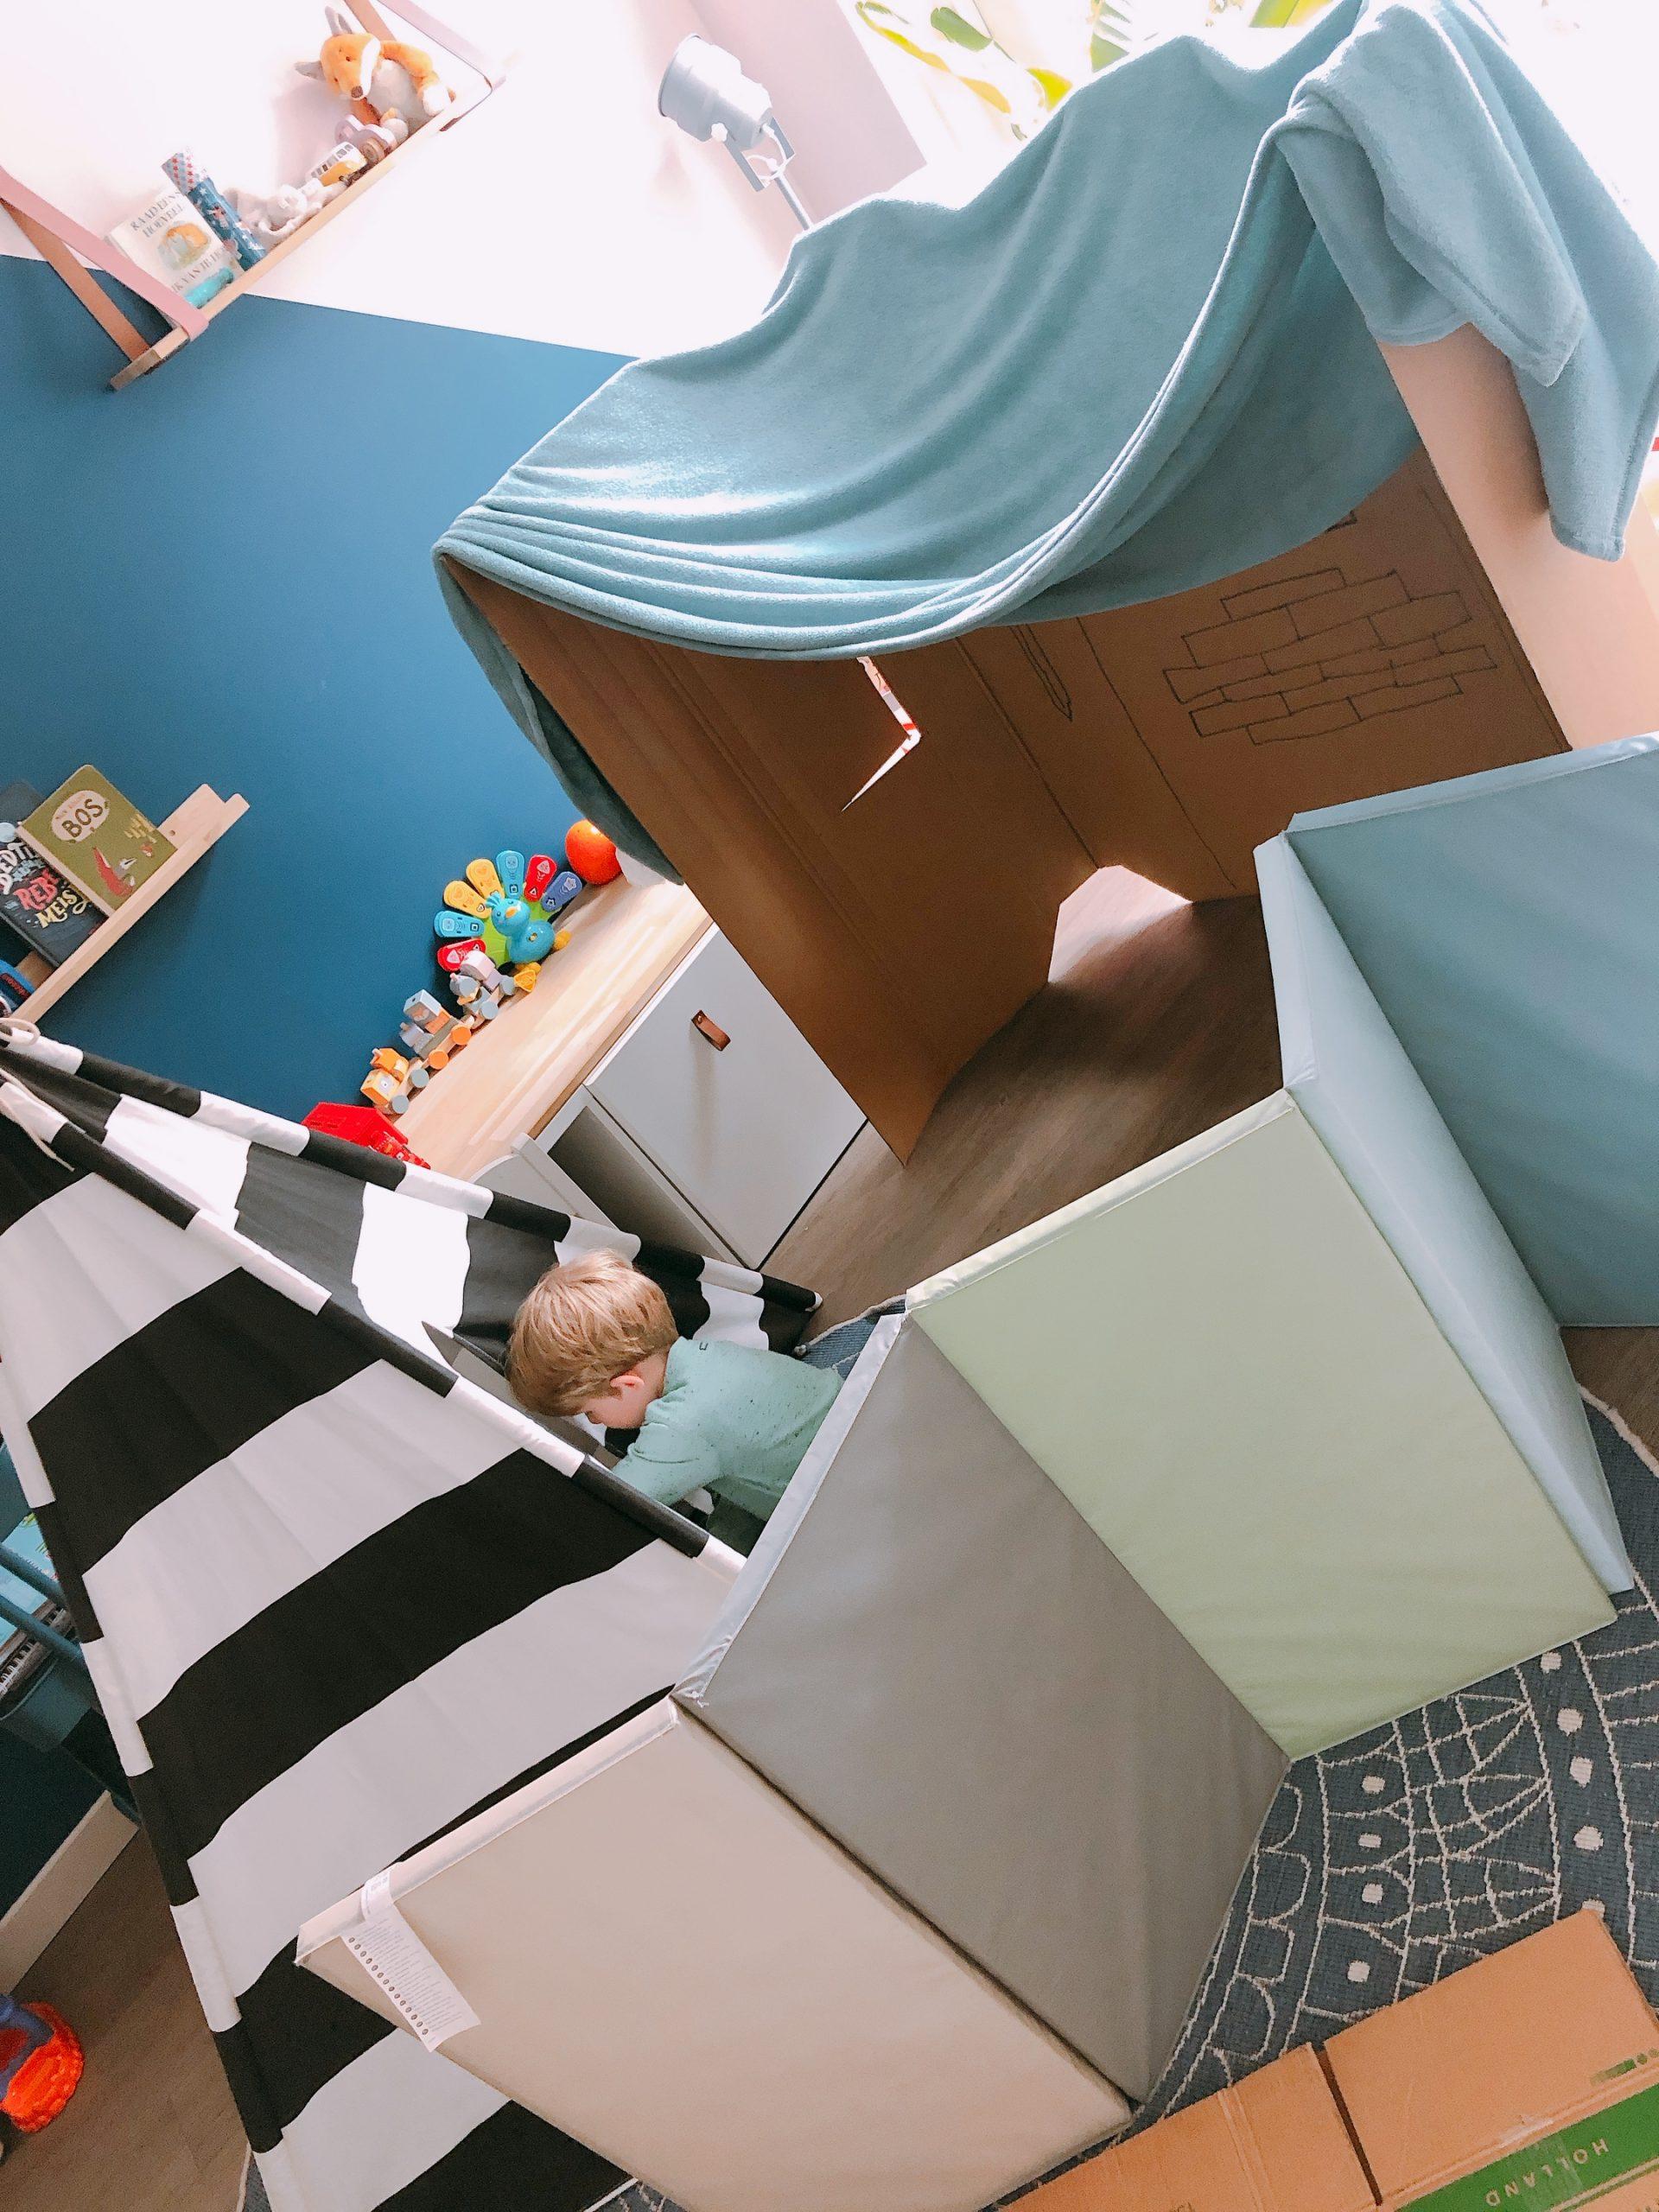 IMG 7012 scaled - Elise's Weekly Pictorama #32 - Moederdag vieren & kindjes terug naar school!